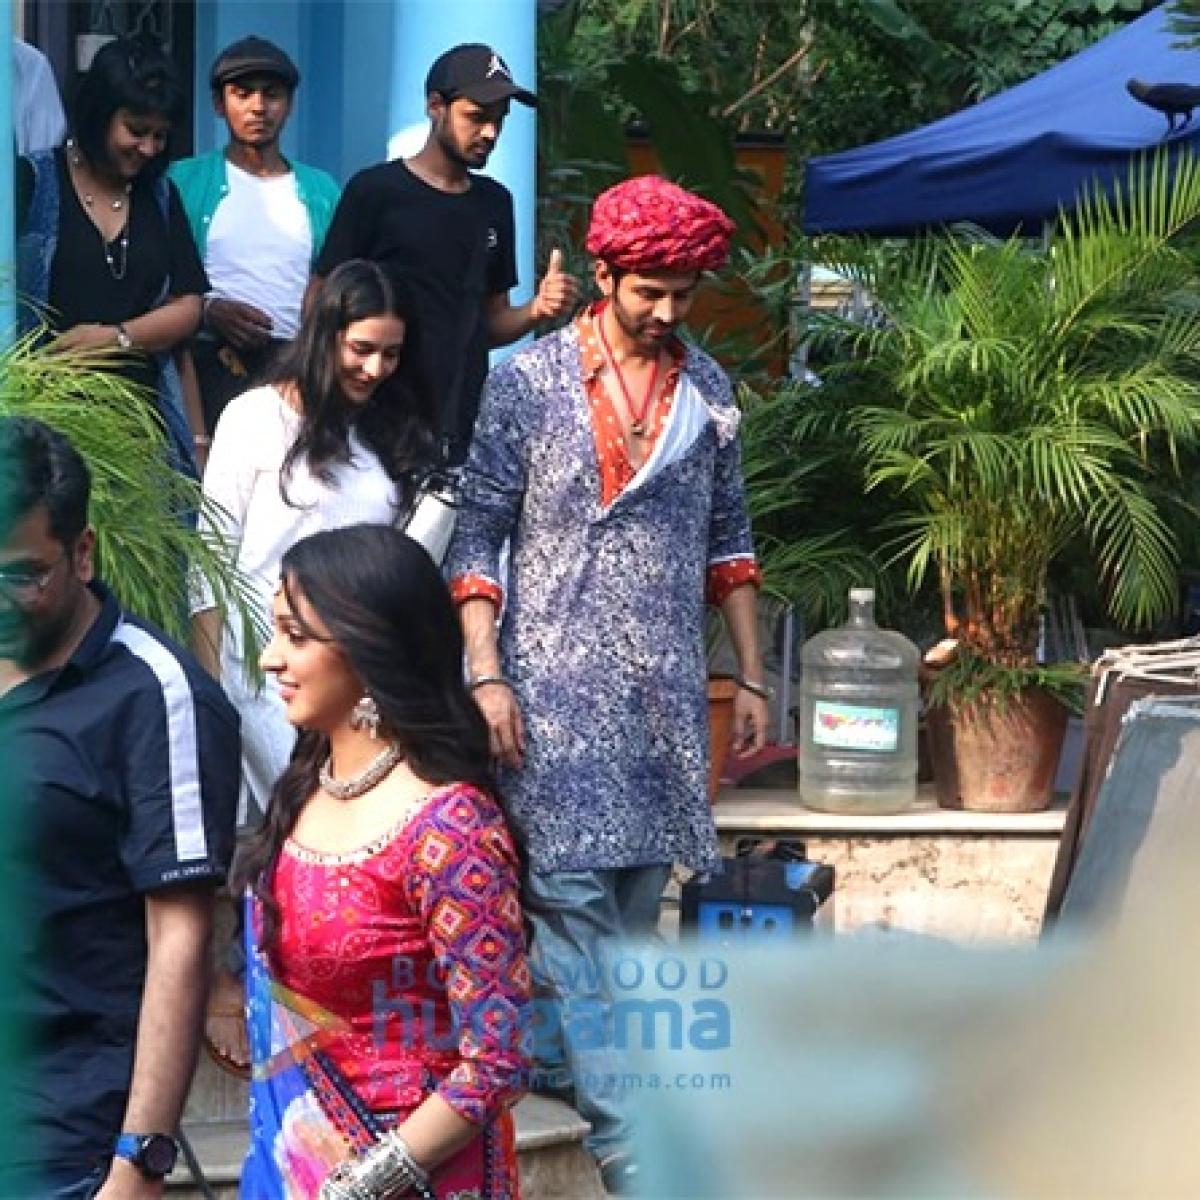 Leaked Photos: Kartik Aaryan, Kiara Advani sport Rajasthani attire on 'Bhool Bhulaiyaa 2' sets